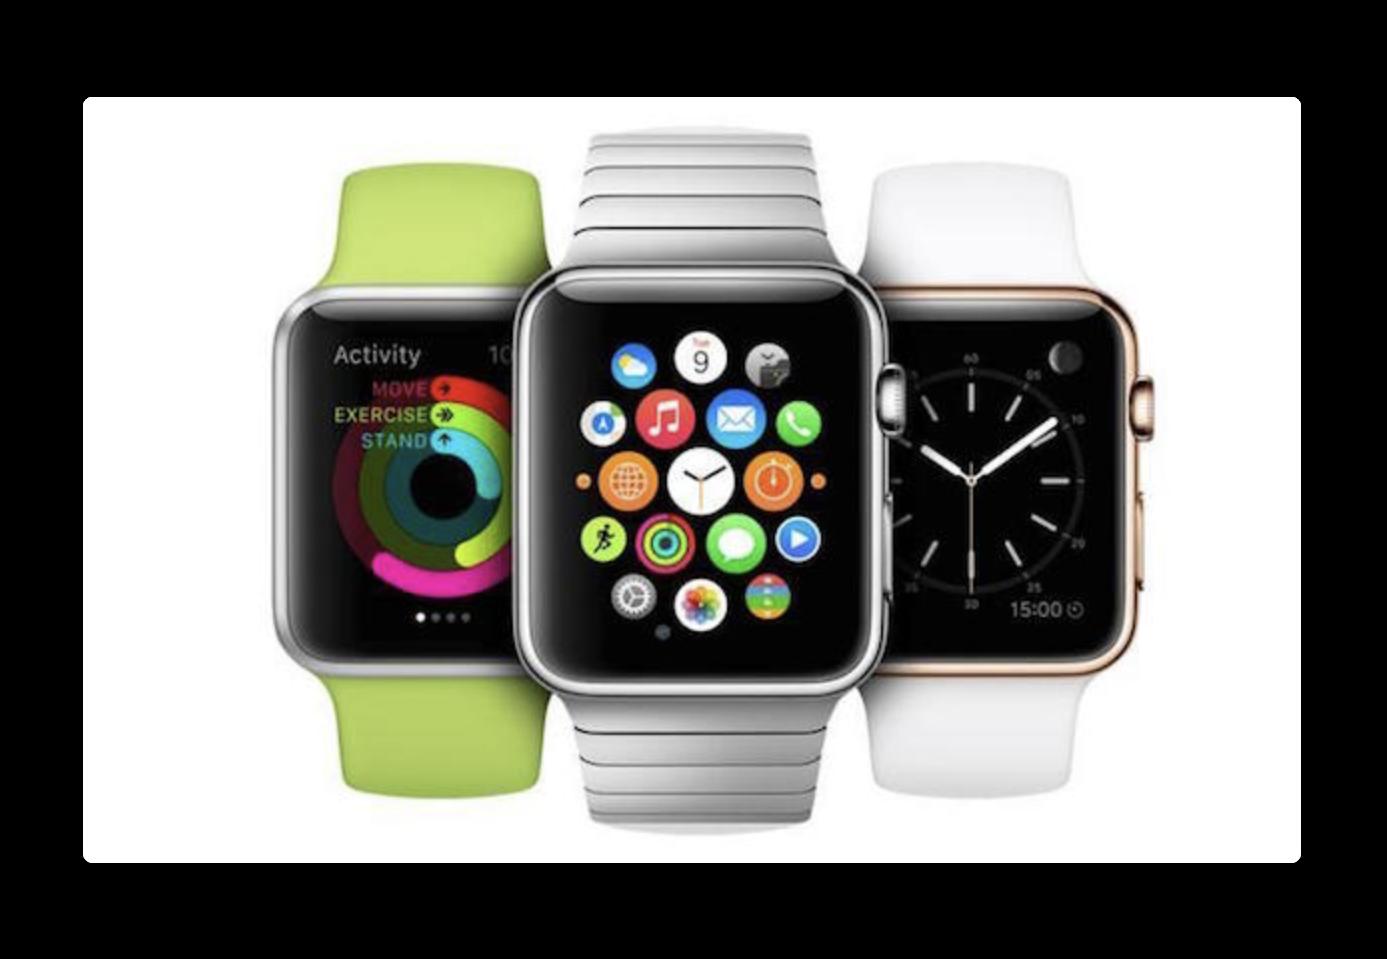 Apple Watch初代は修理の際に部品不足でSeries 2に交換してもらえるかも?